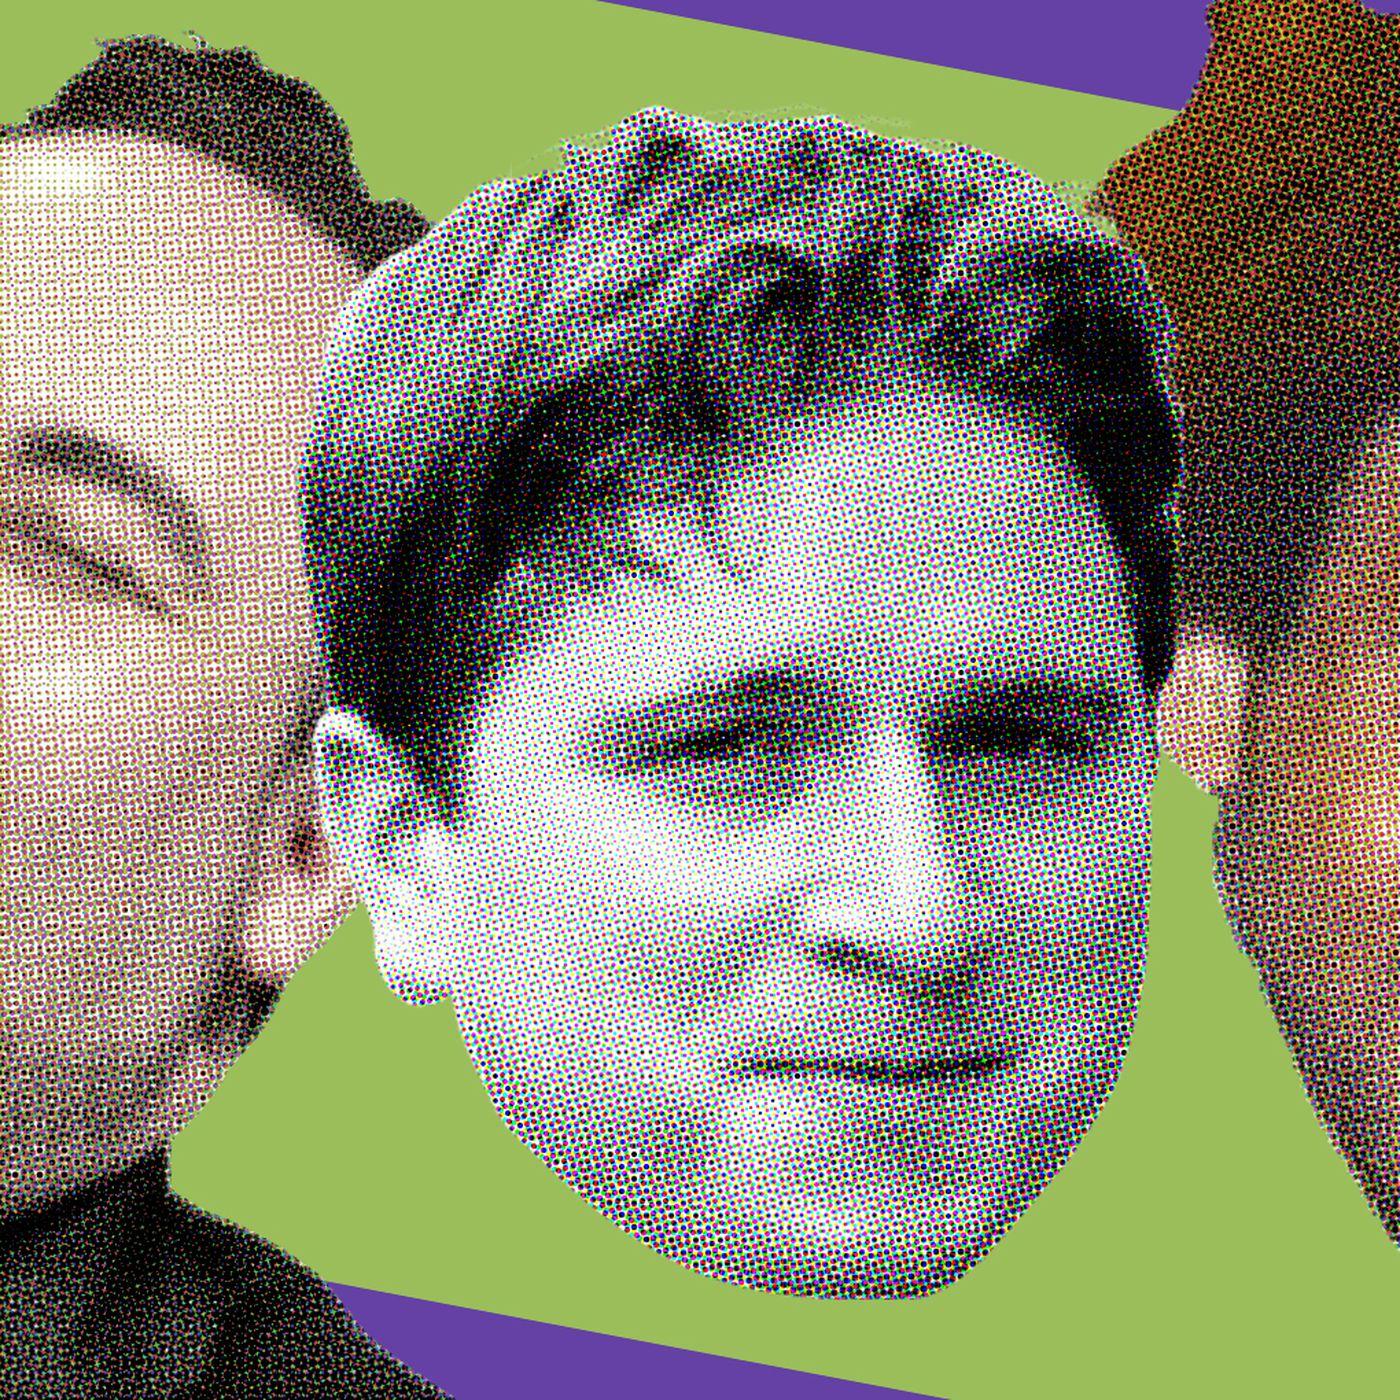 Steve Harvey Ironic Emoji Meme By Eddybro14 Redbubble